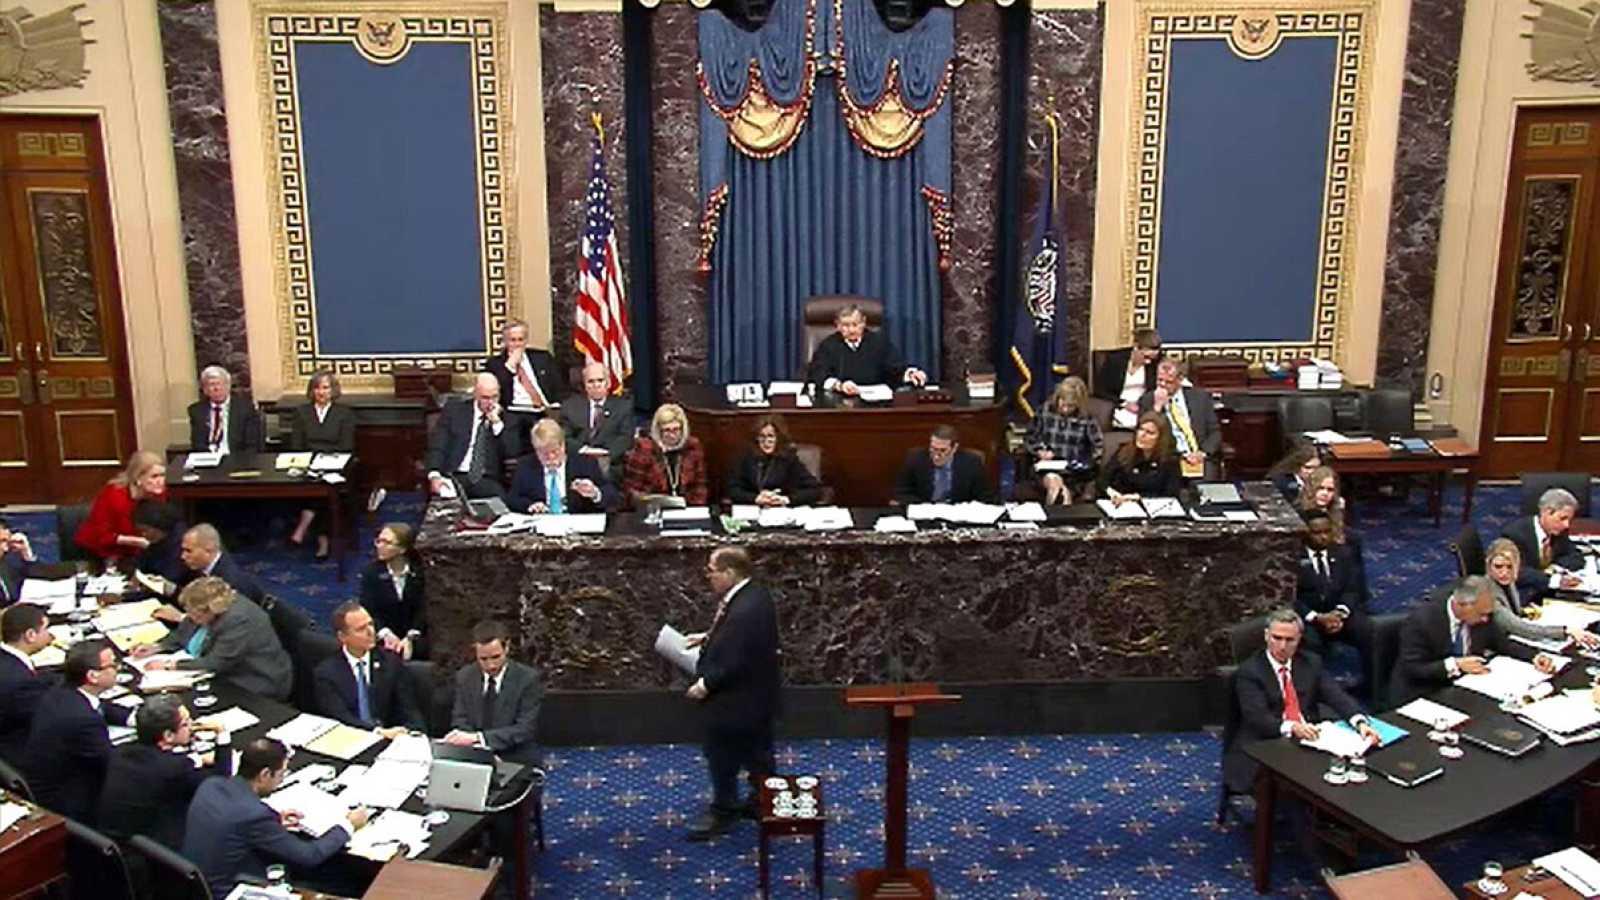 Imagen, tomada de la retransmisión en directo, de la sesión del Senado de EE.UU. durante el impeachment a Trump. Foto: TV del Senado de EE.UU., vía Afp.